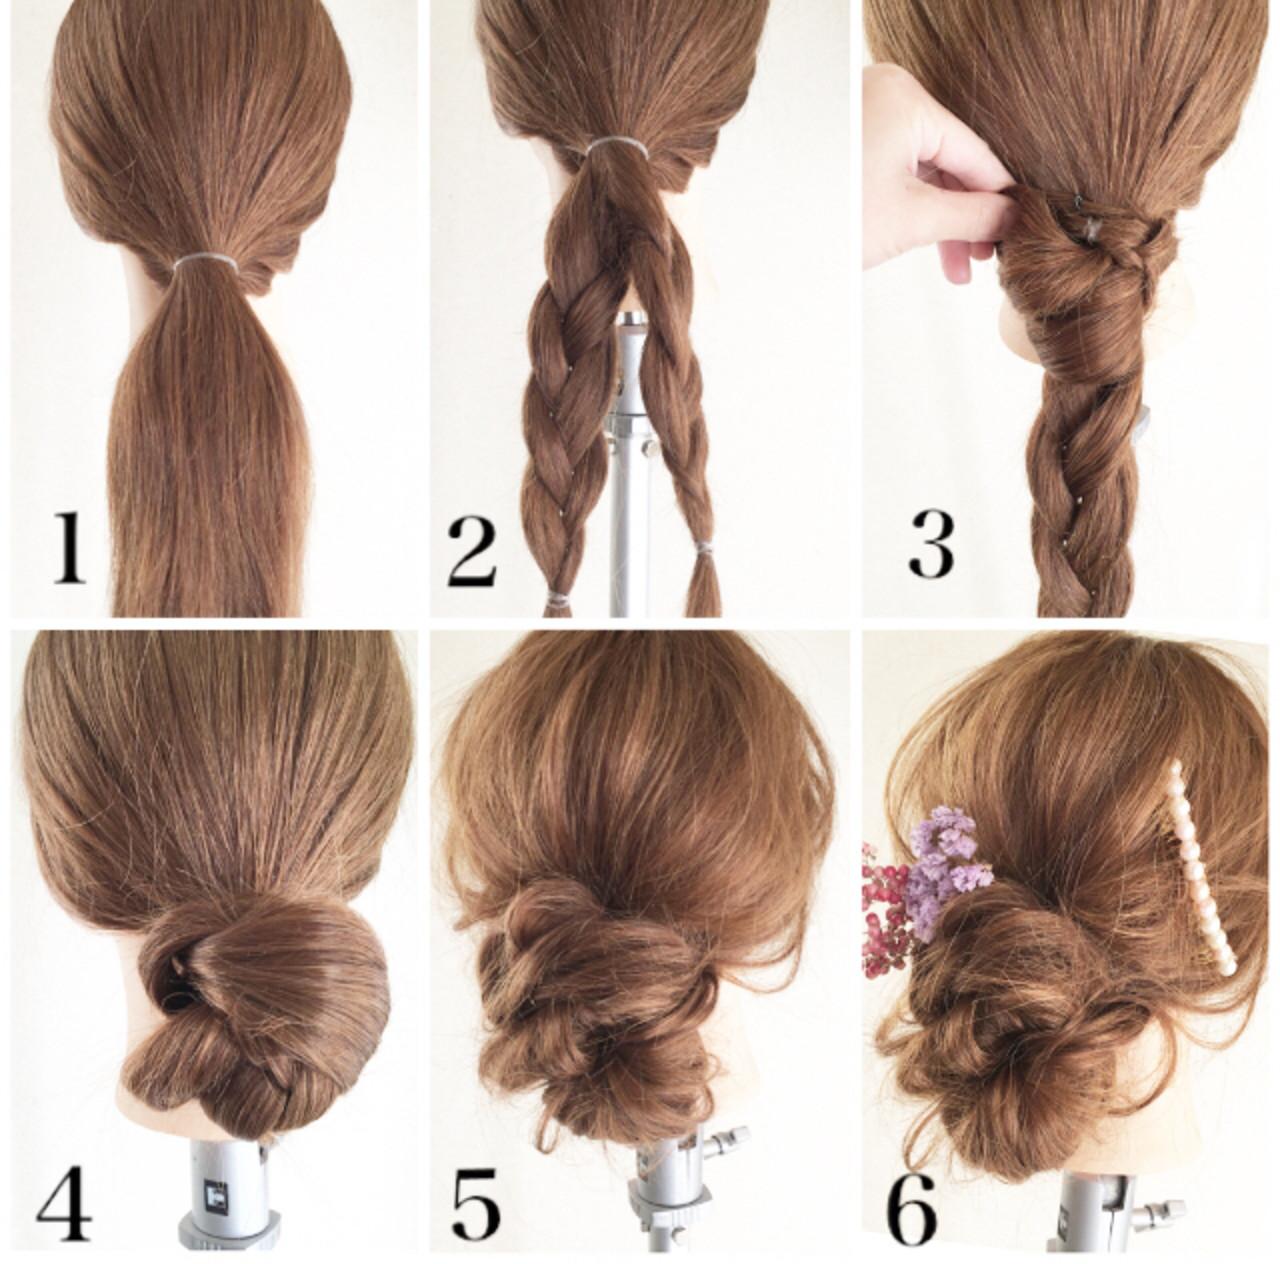 まとめ髪 簡単ヘアアレンジ アンニュイほつれヘア デート ヘアスタイルや髪型の写真・画像